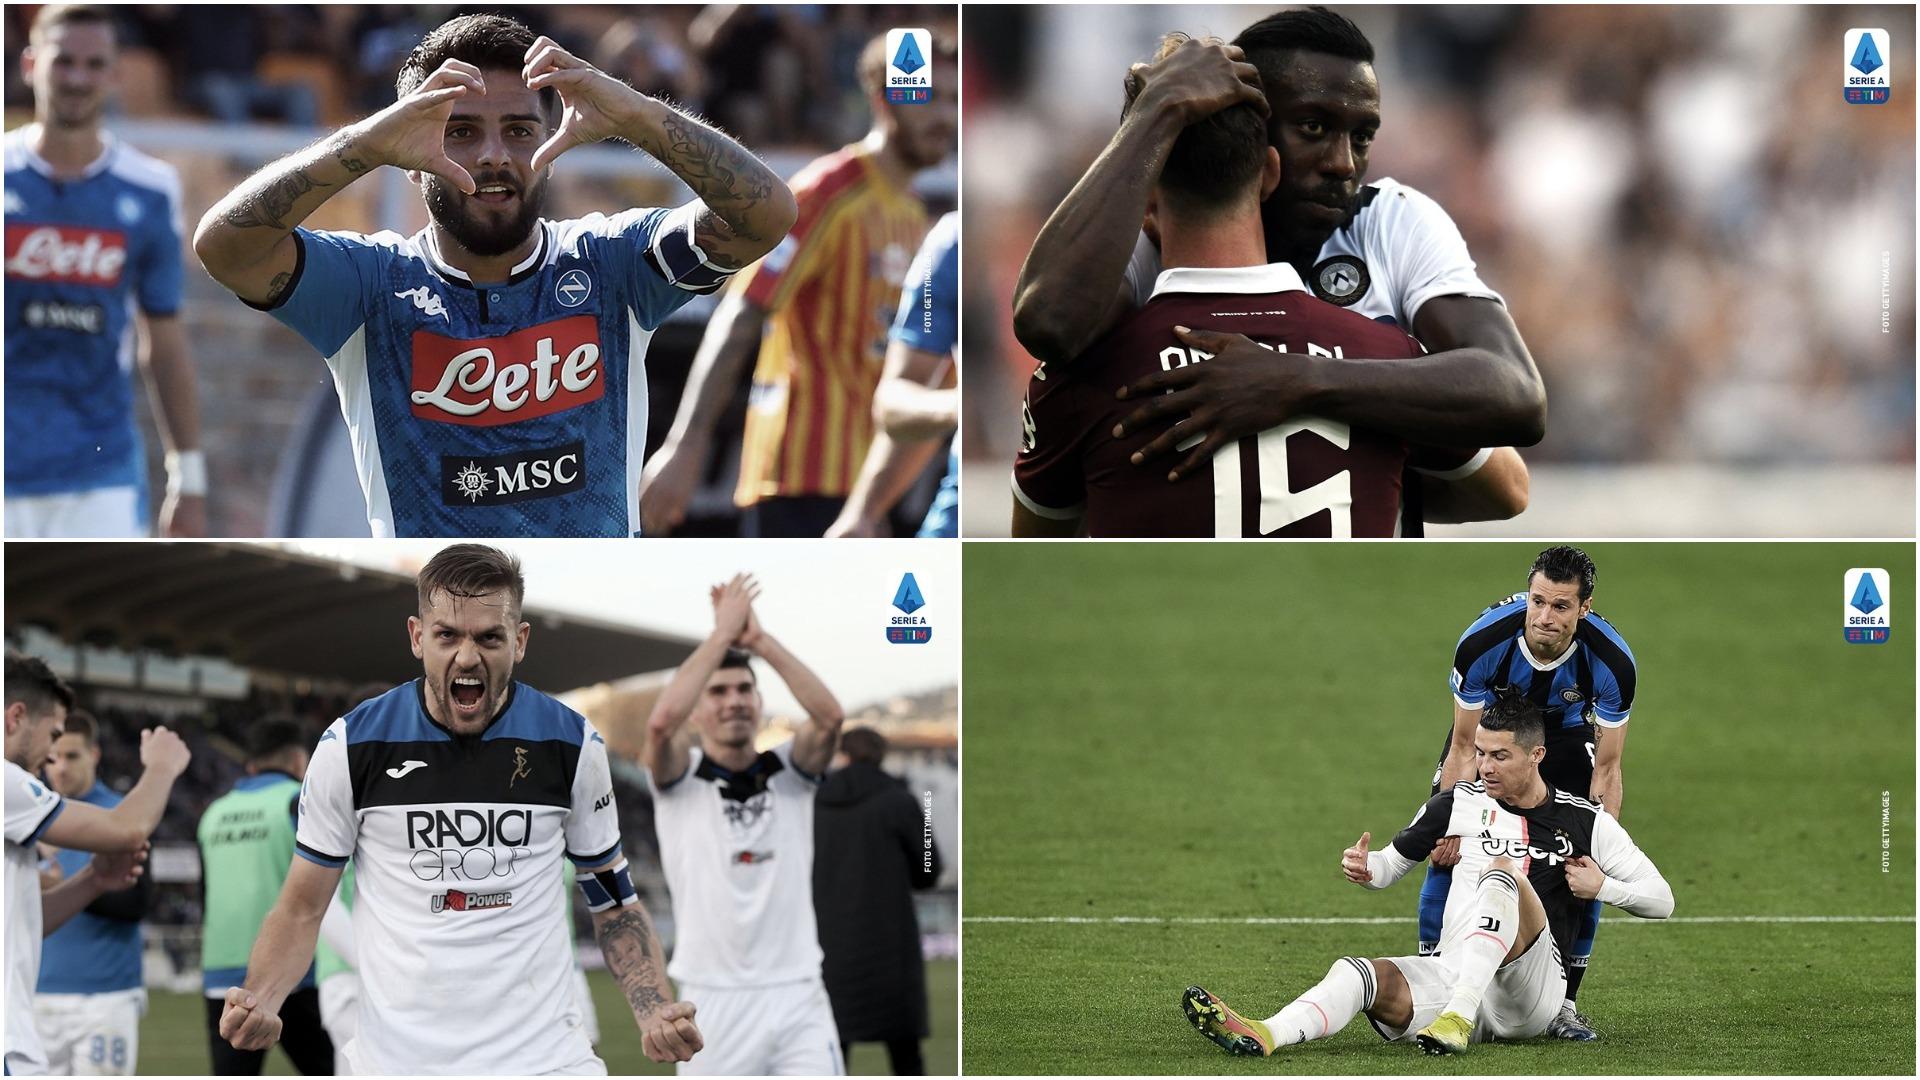 Skenarët e radhës: Tre data për Serie A, GDS publikon planin e fundit